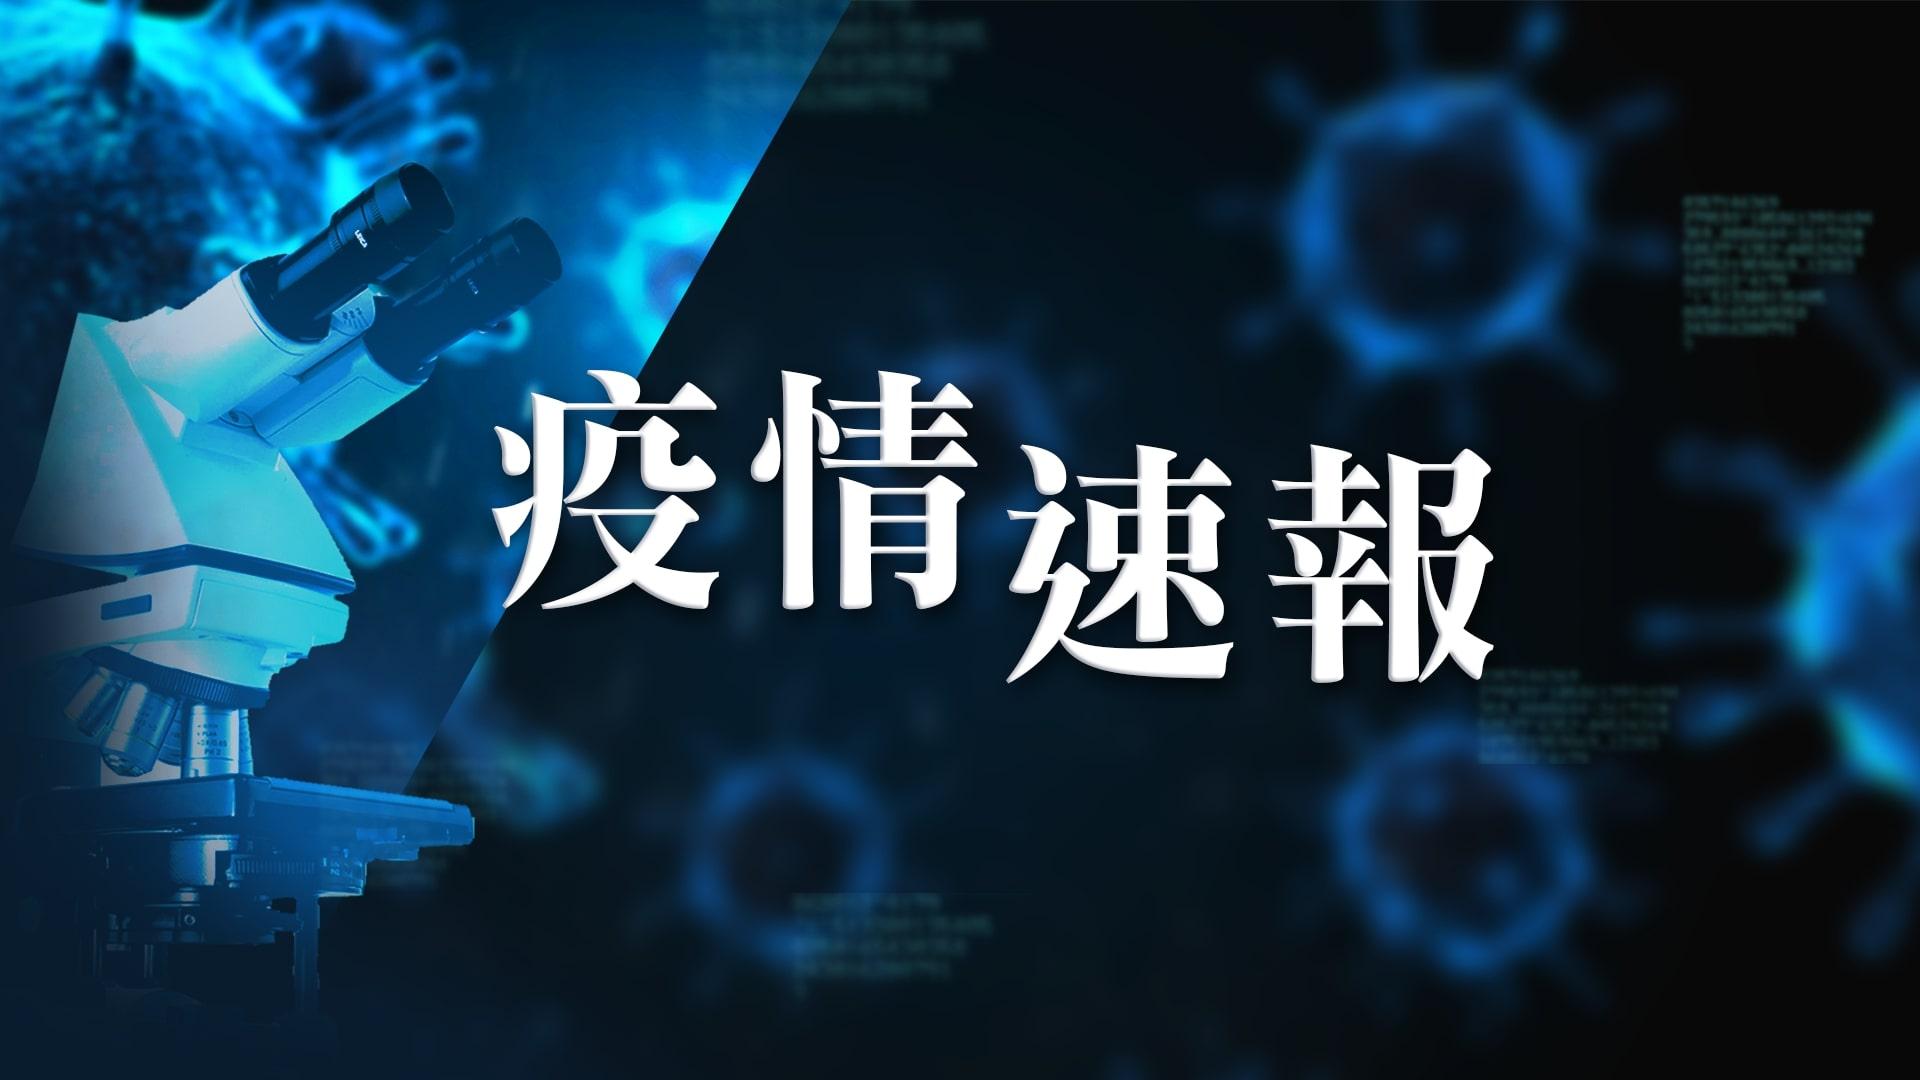 【2月28日疫情速報】(23:45)